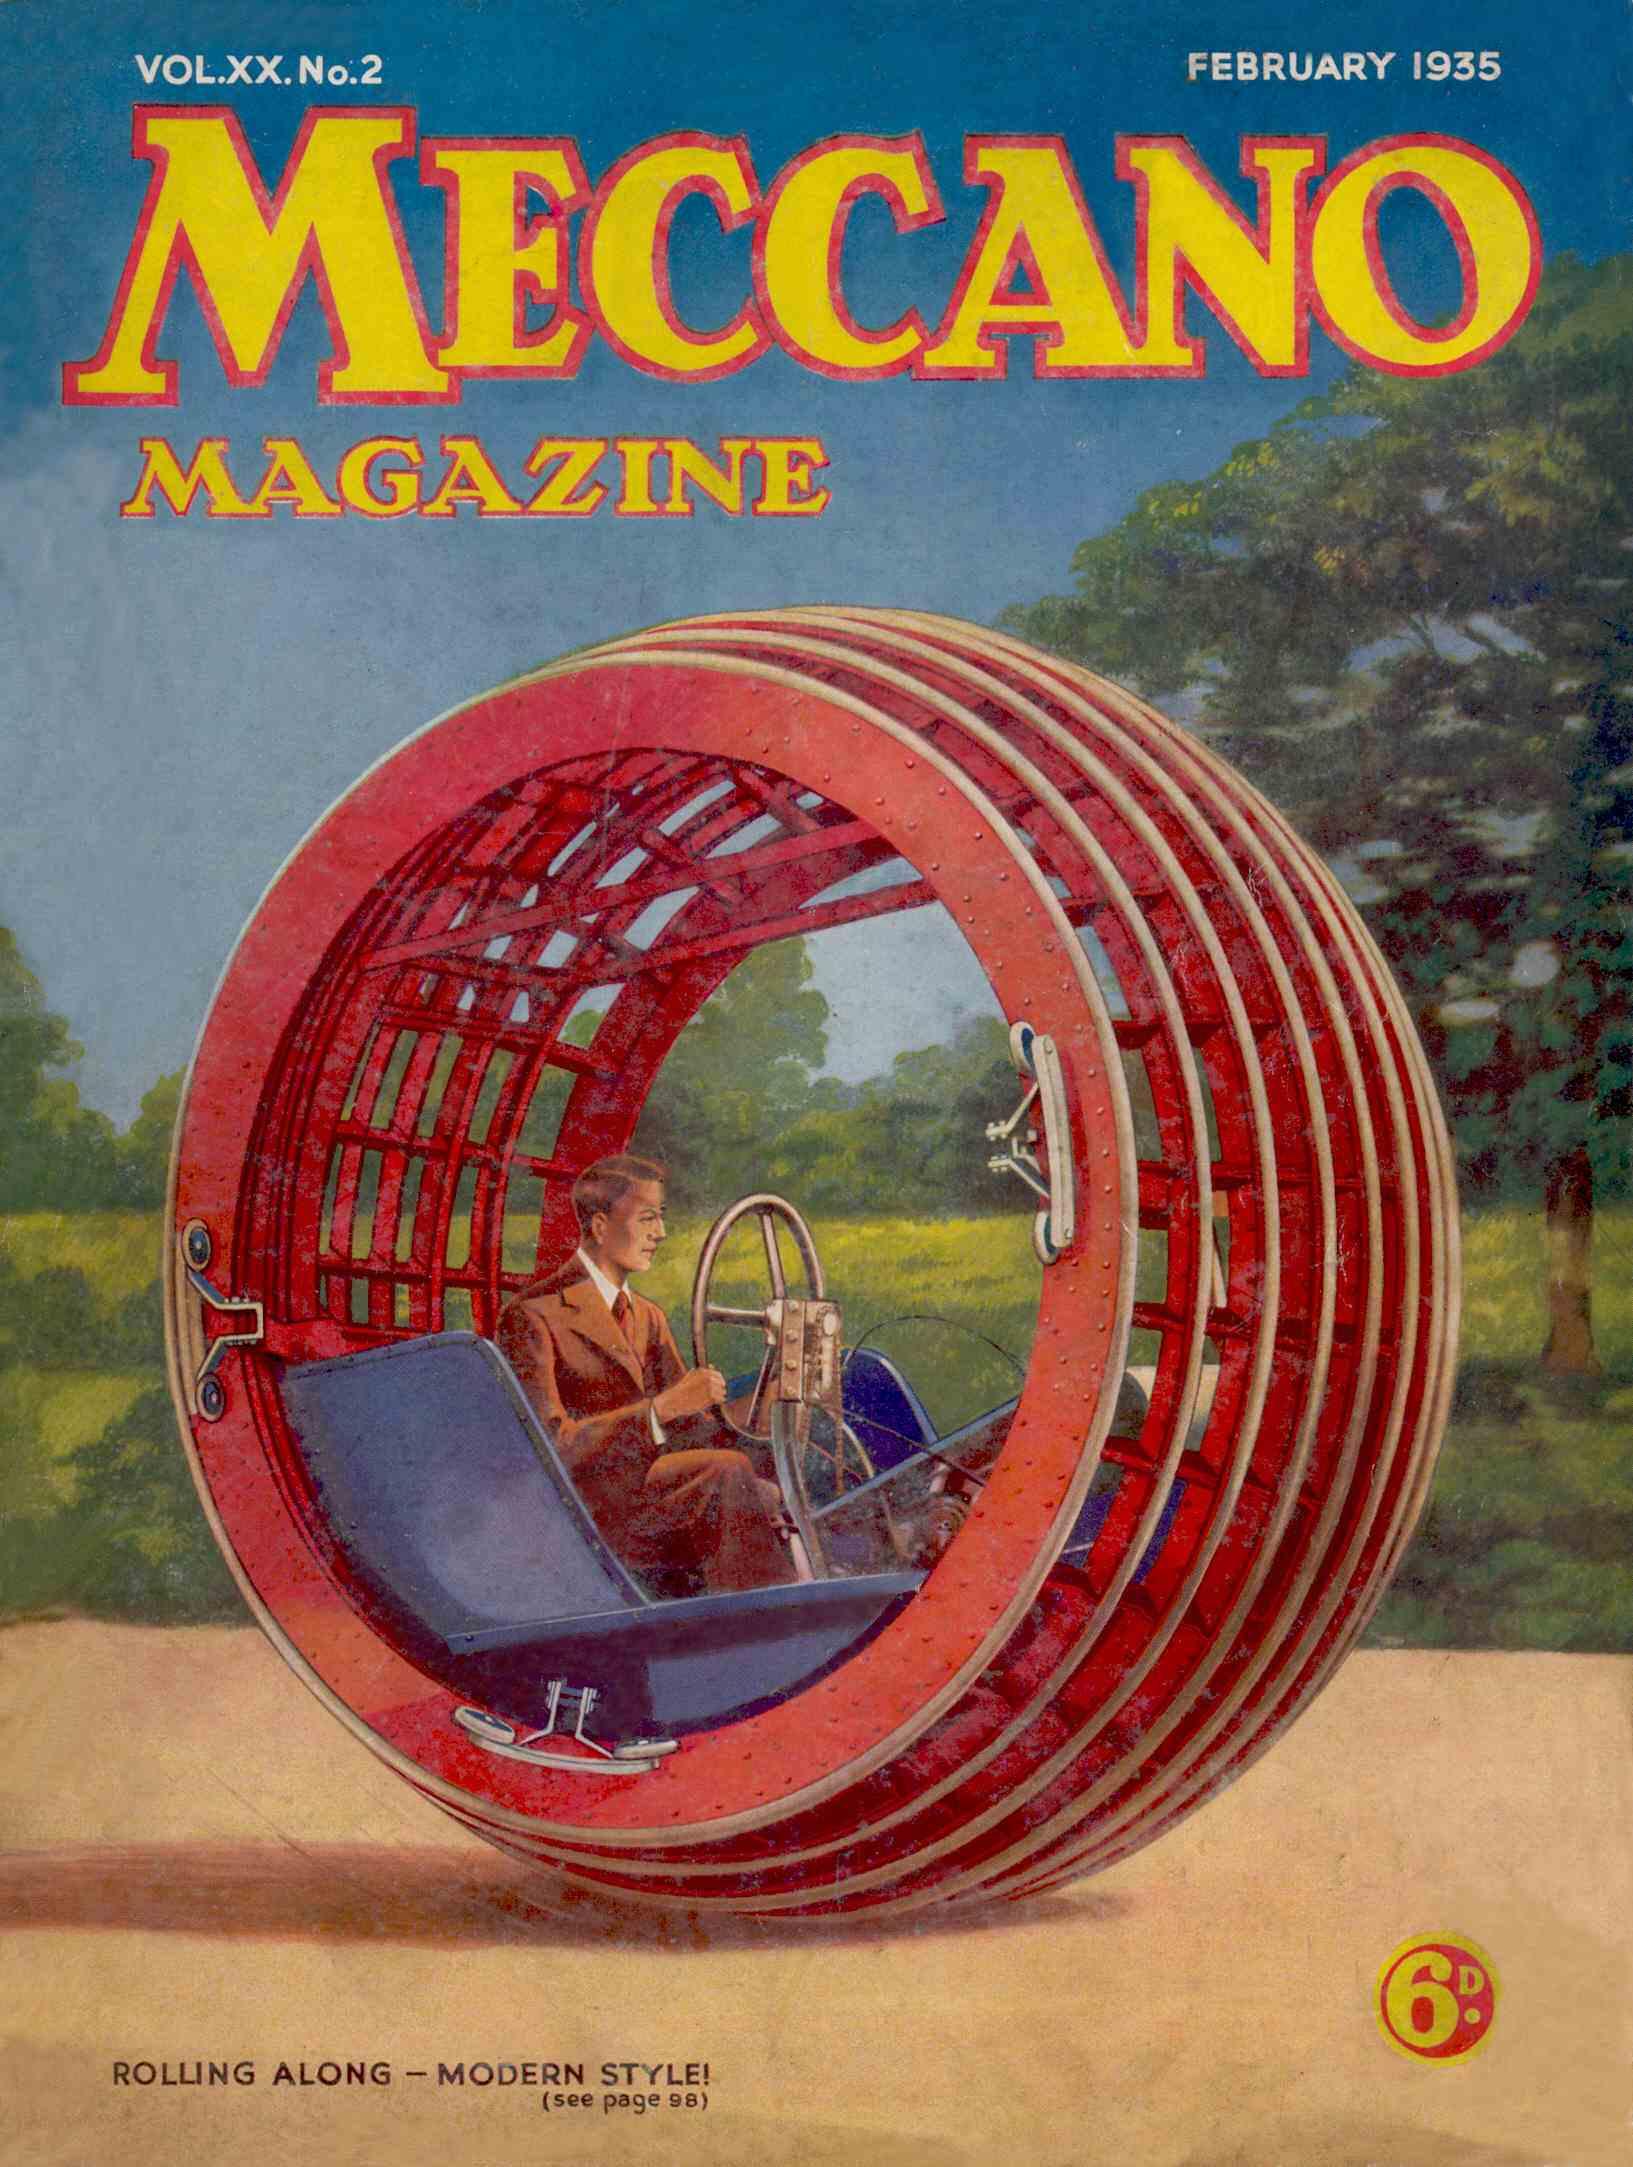 UK Meccano Magazine February 1935 Front cover